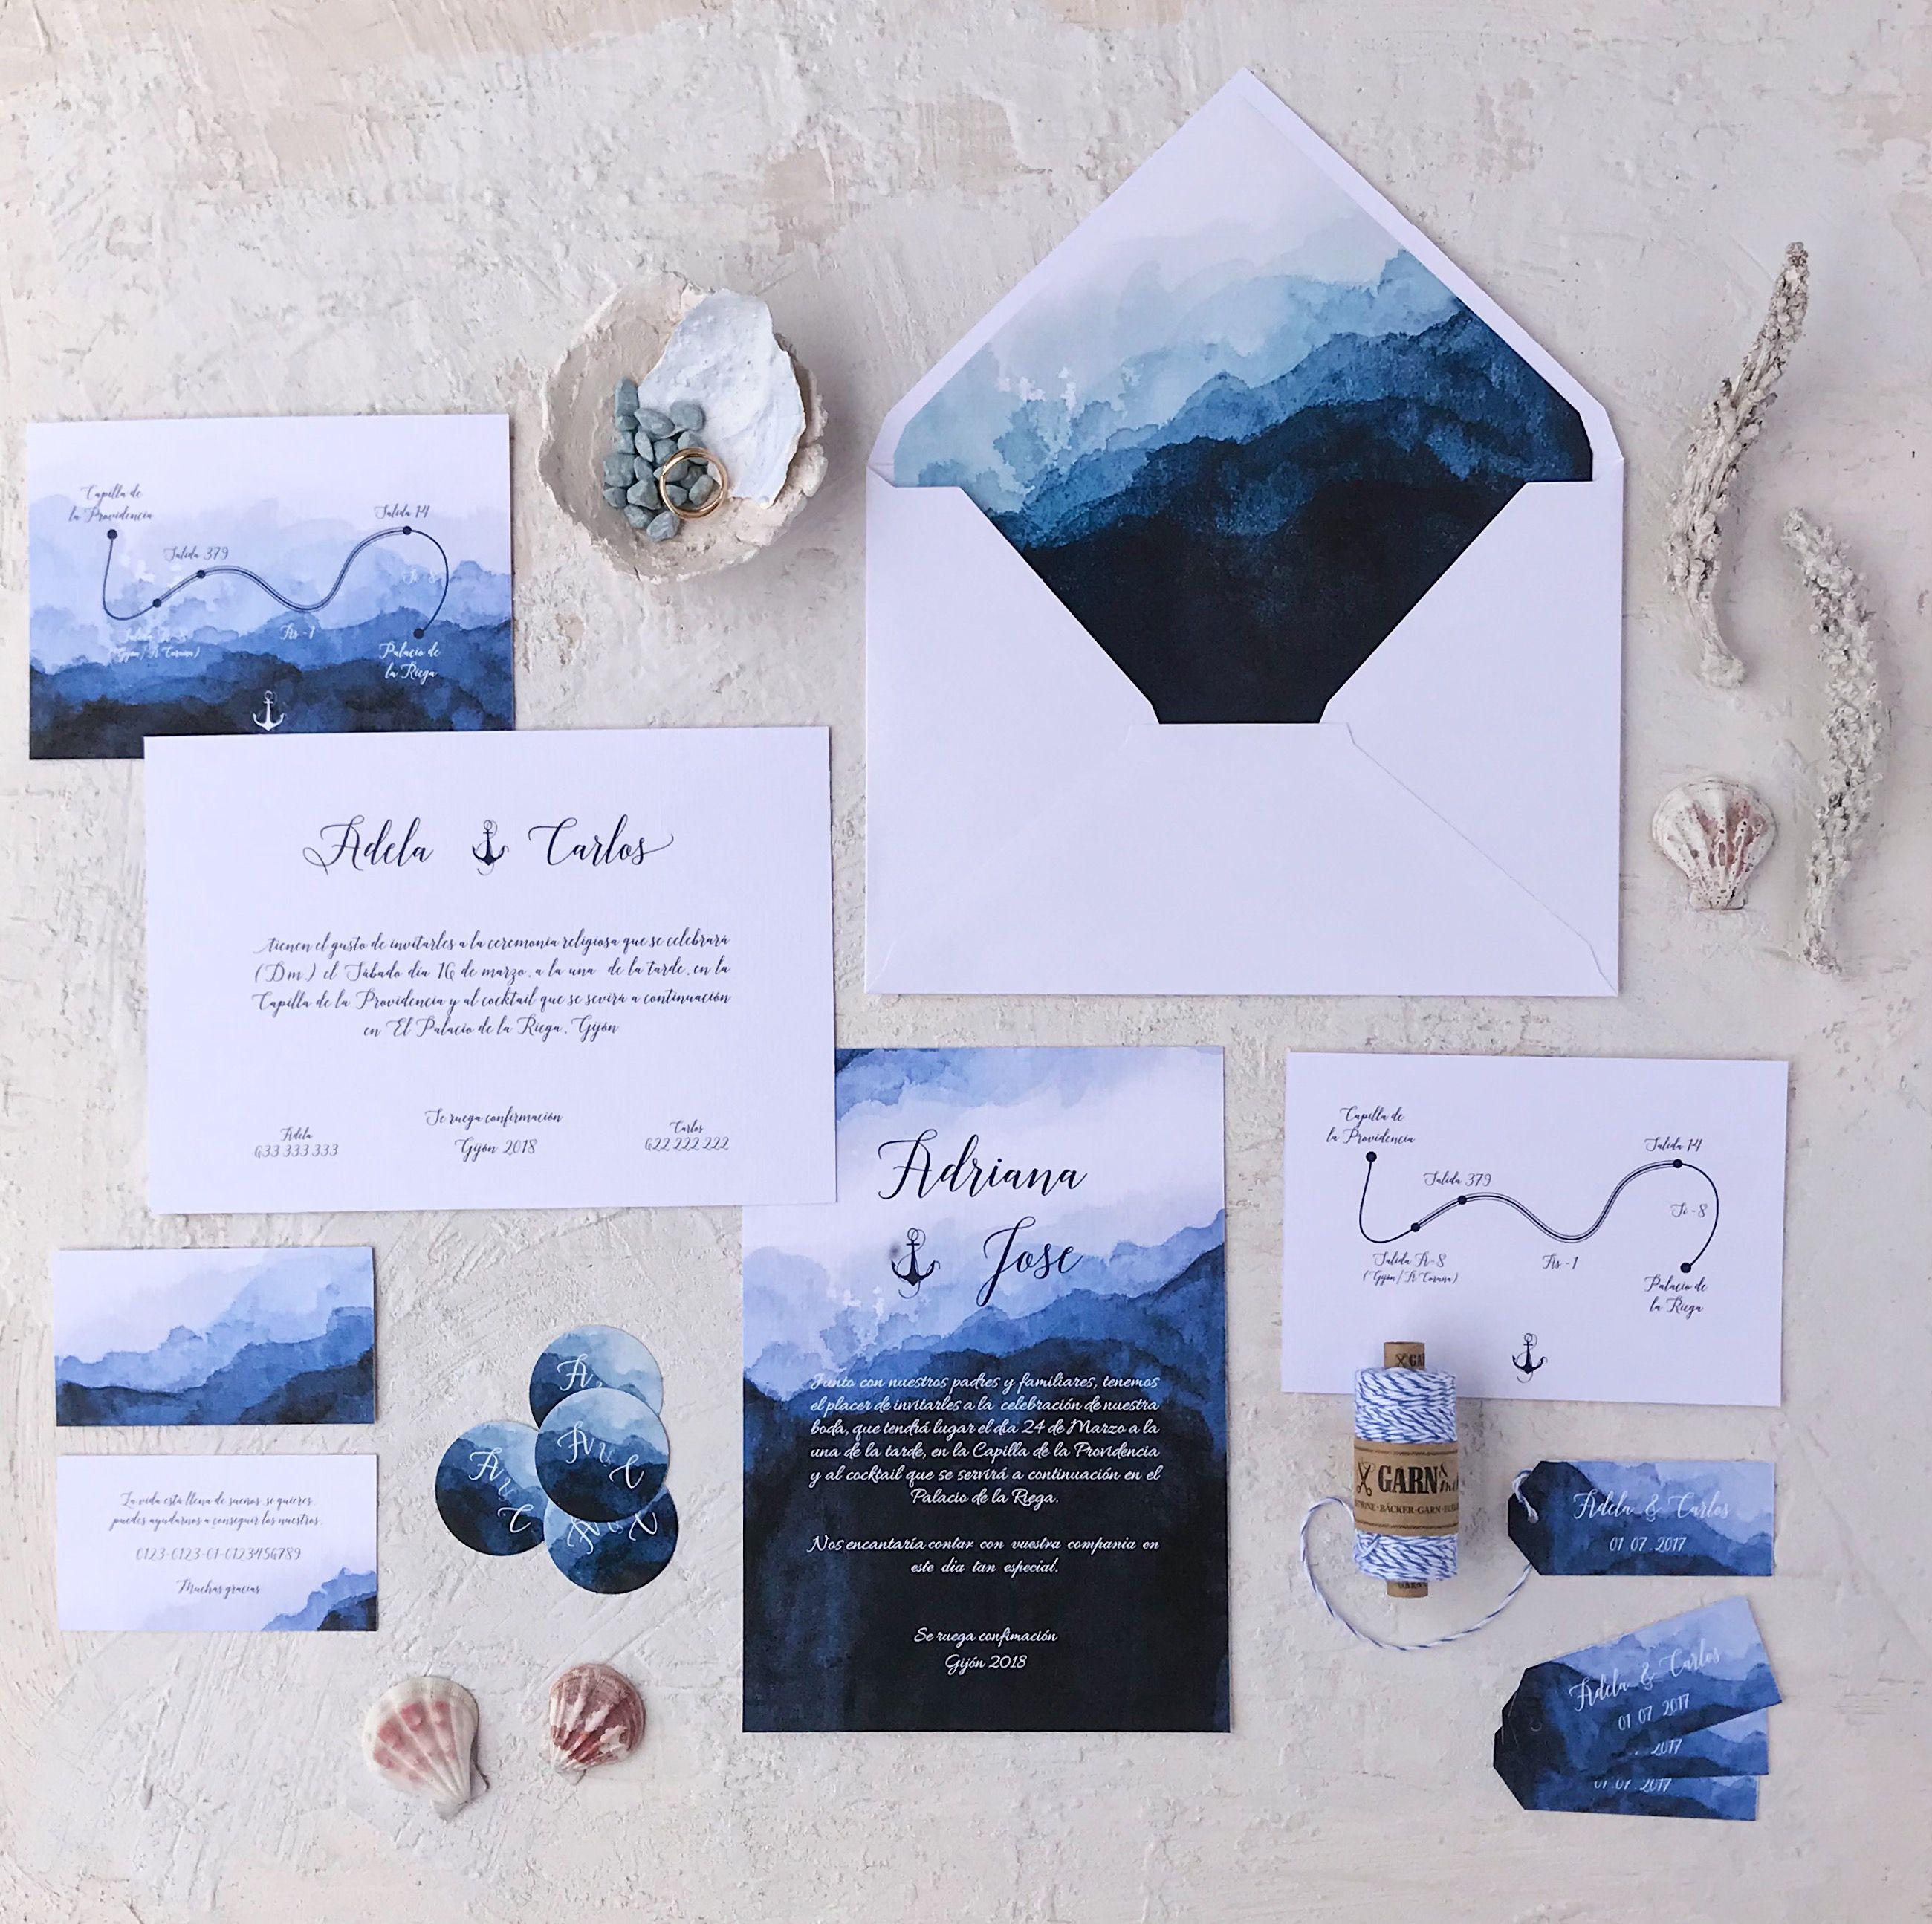 Invitaciones de boda originales marineras Marmarina